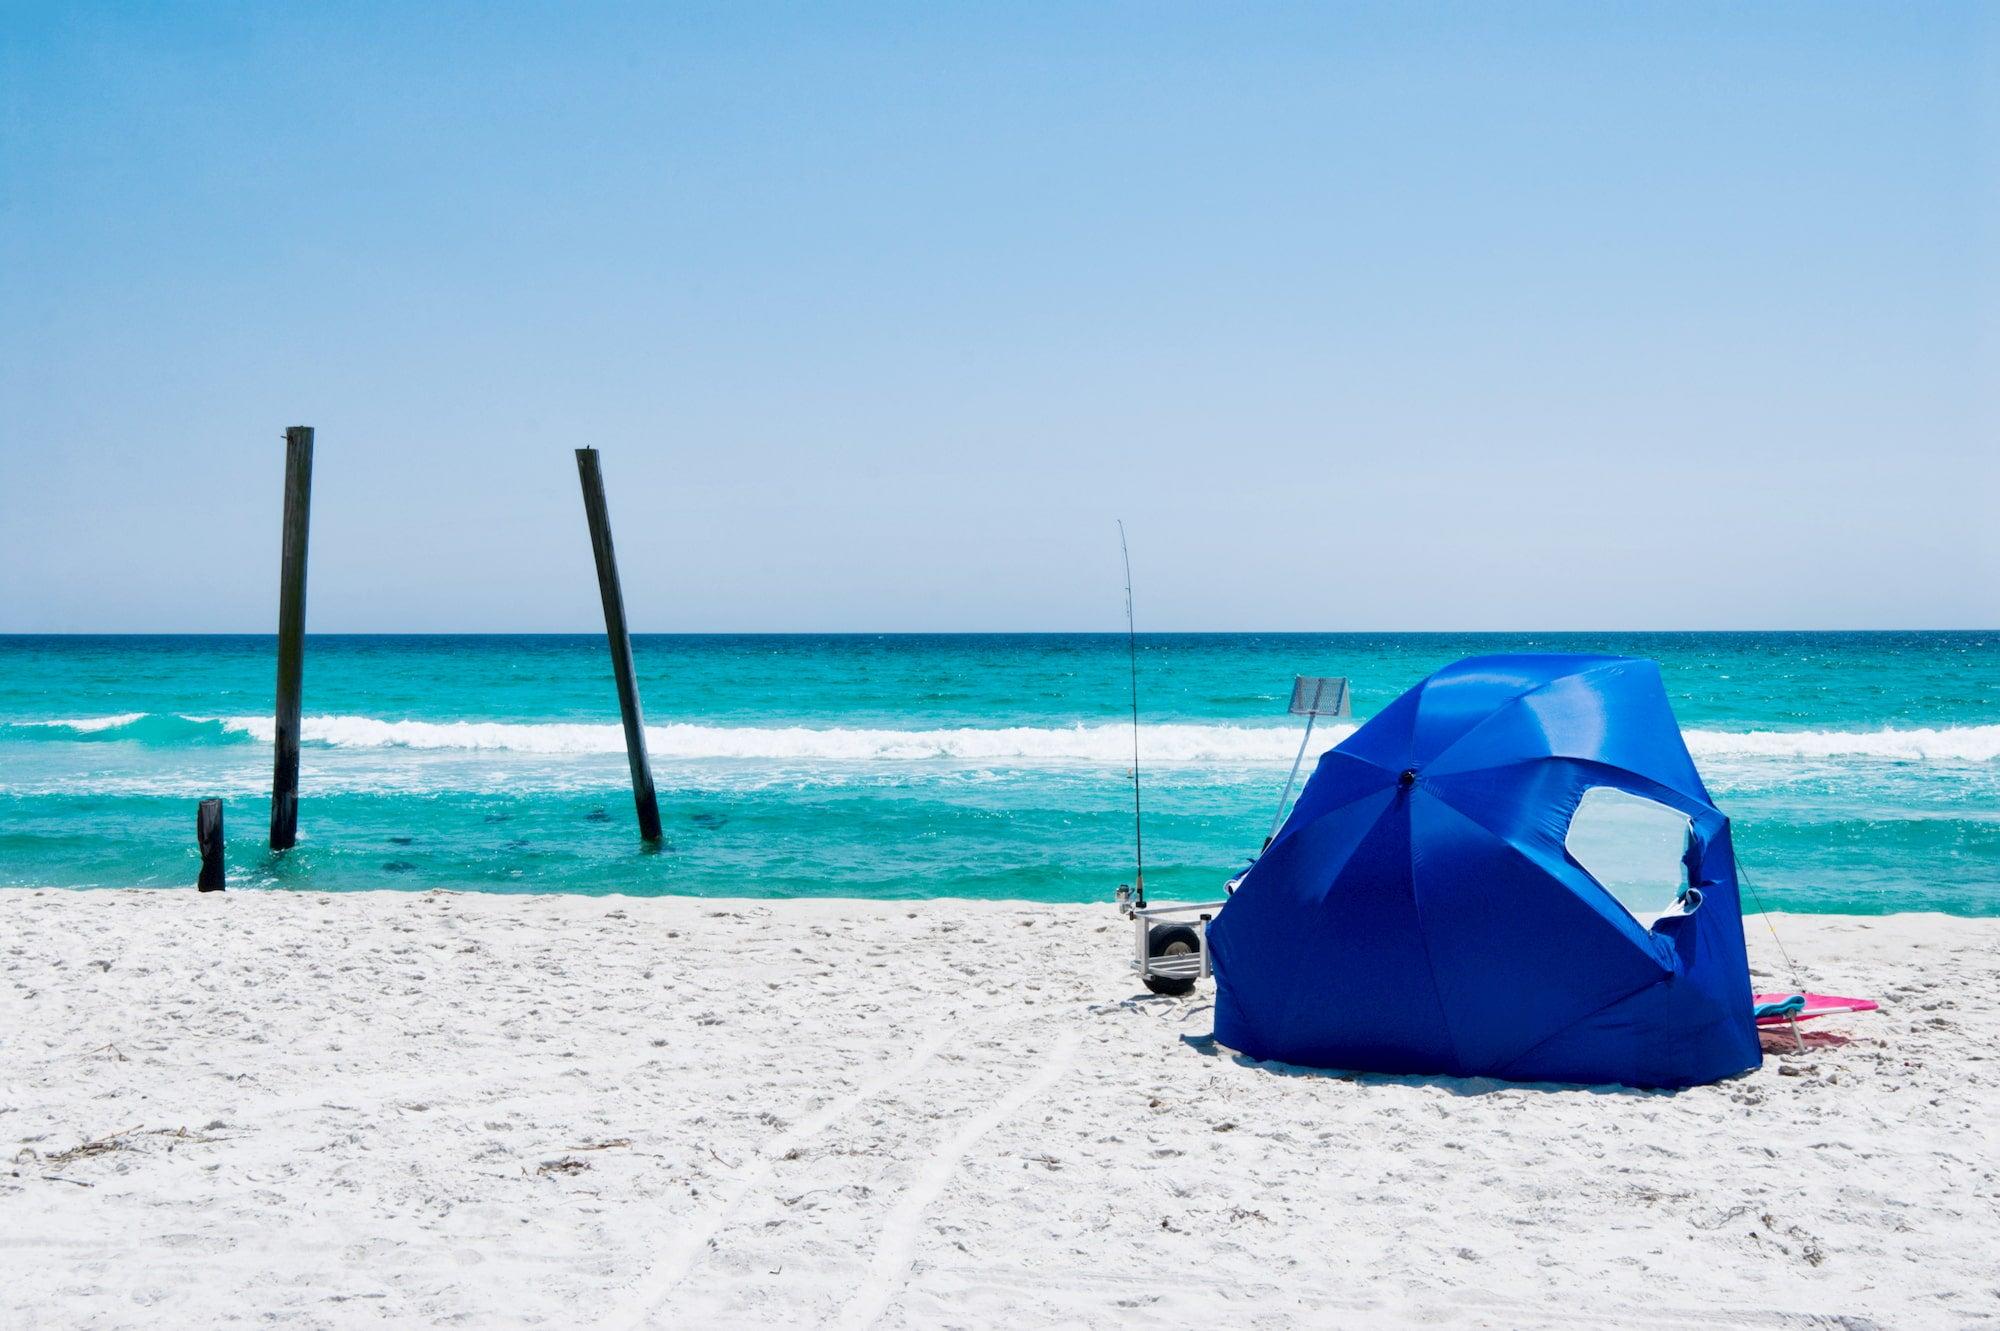 tent on a beach